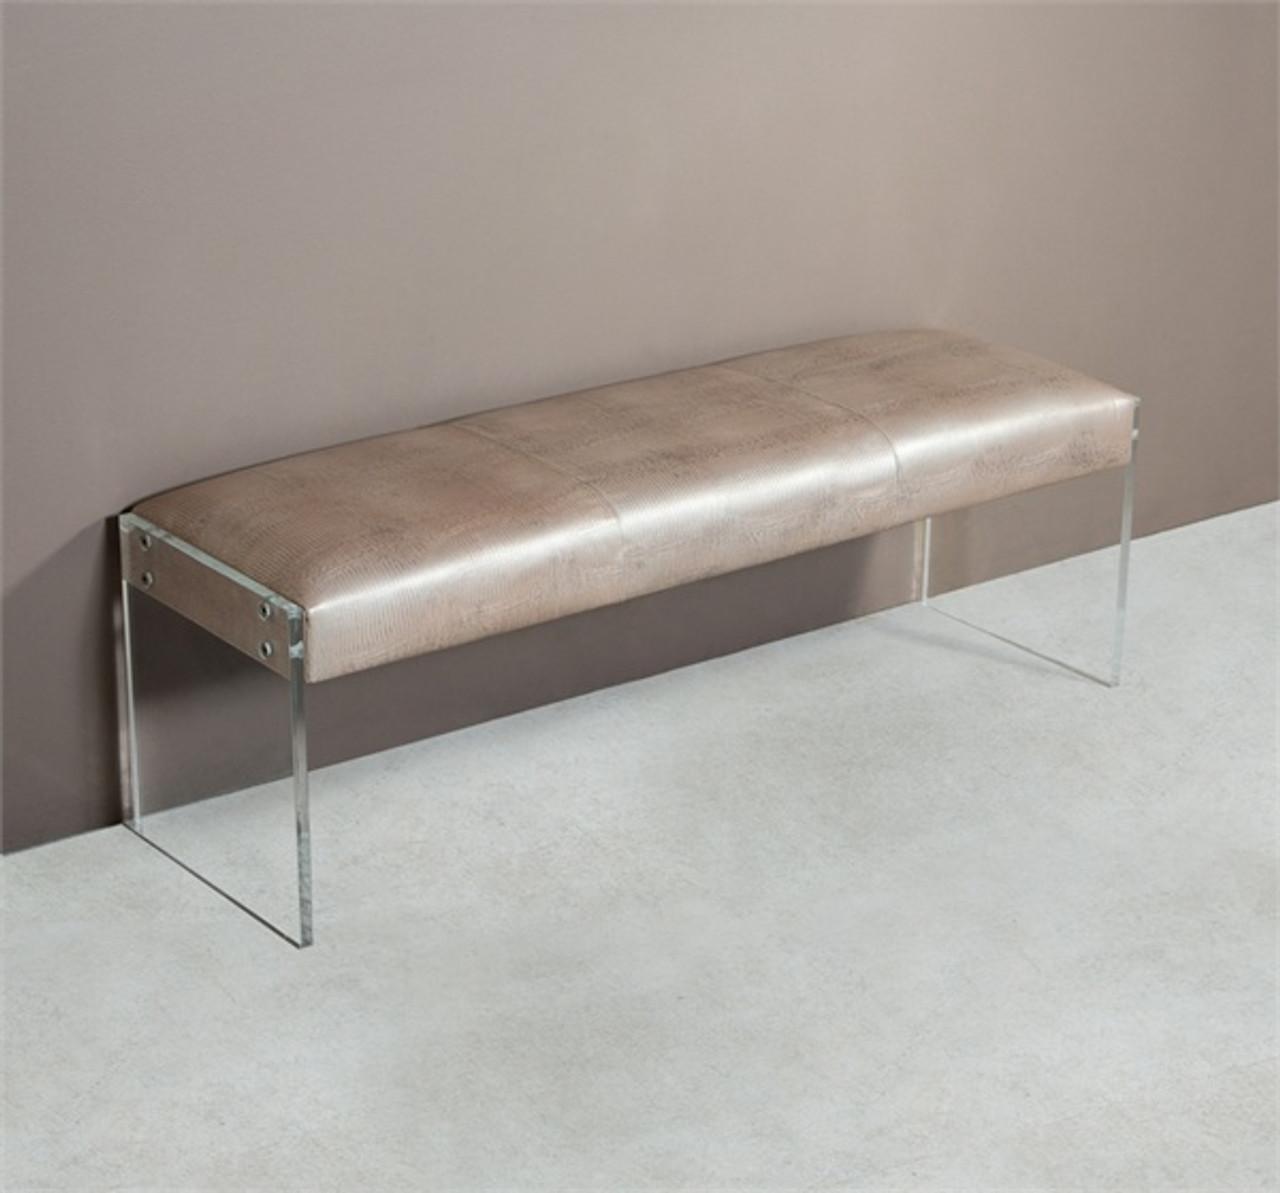 acrylic legs for furniture. nori lizard leather bench with acrylic legs for furniture l